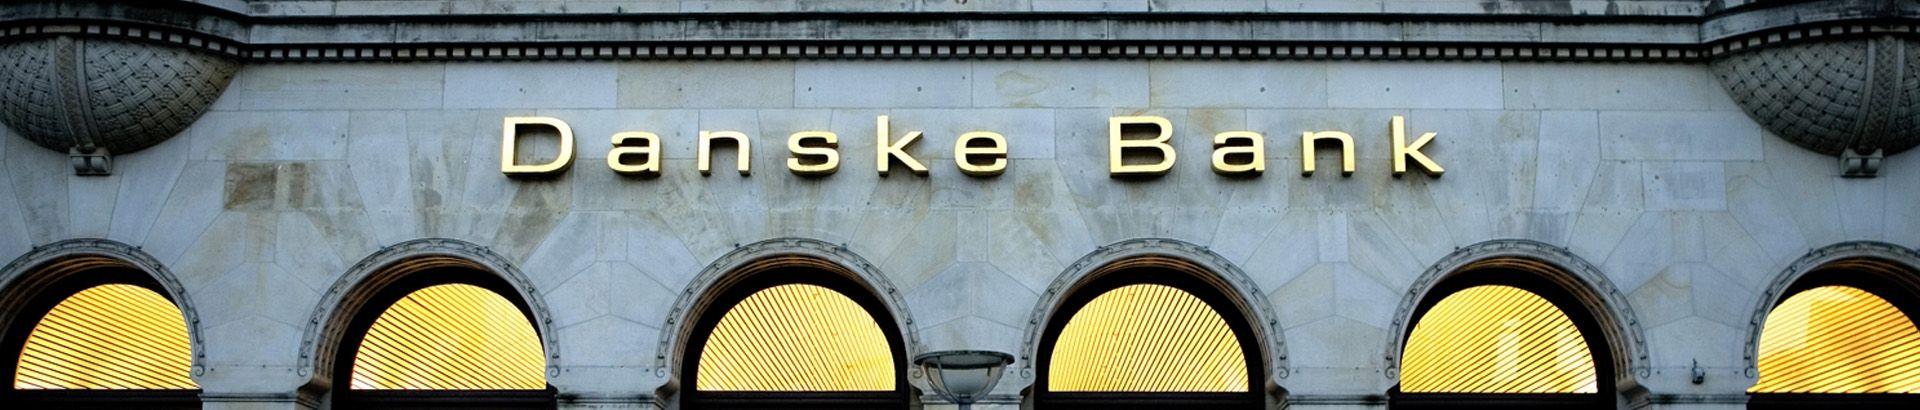 danske_bank_1920x410